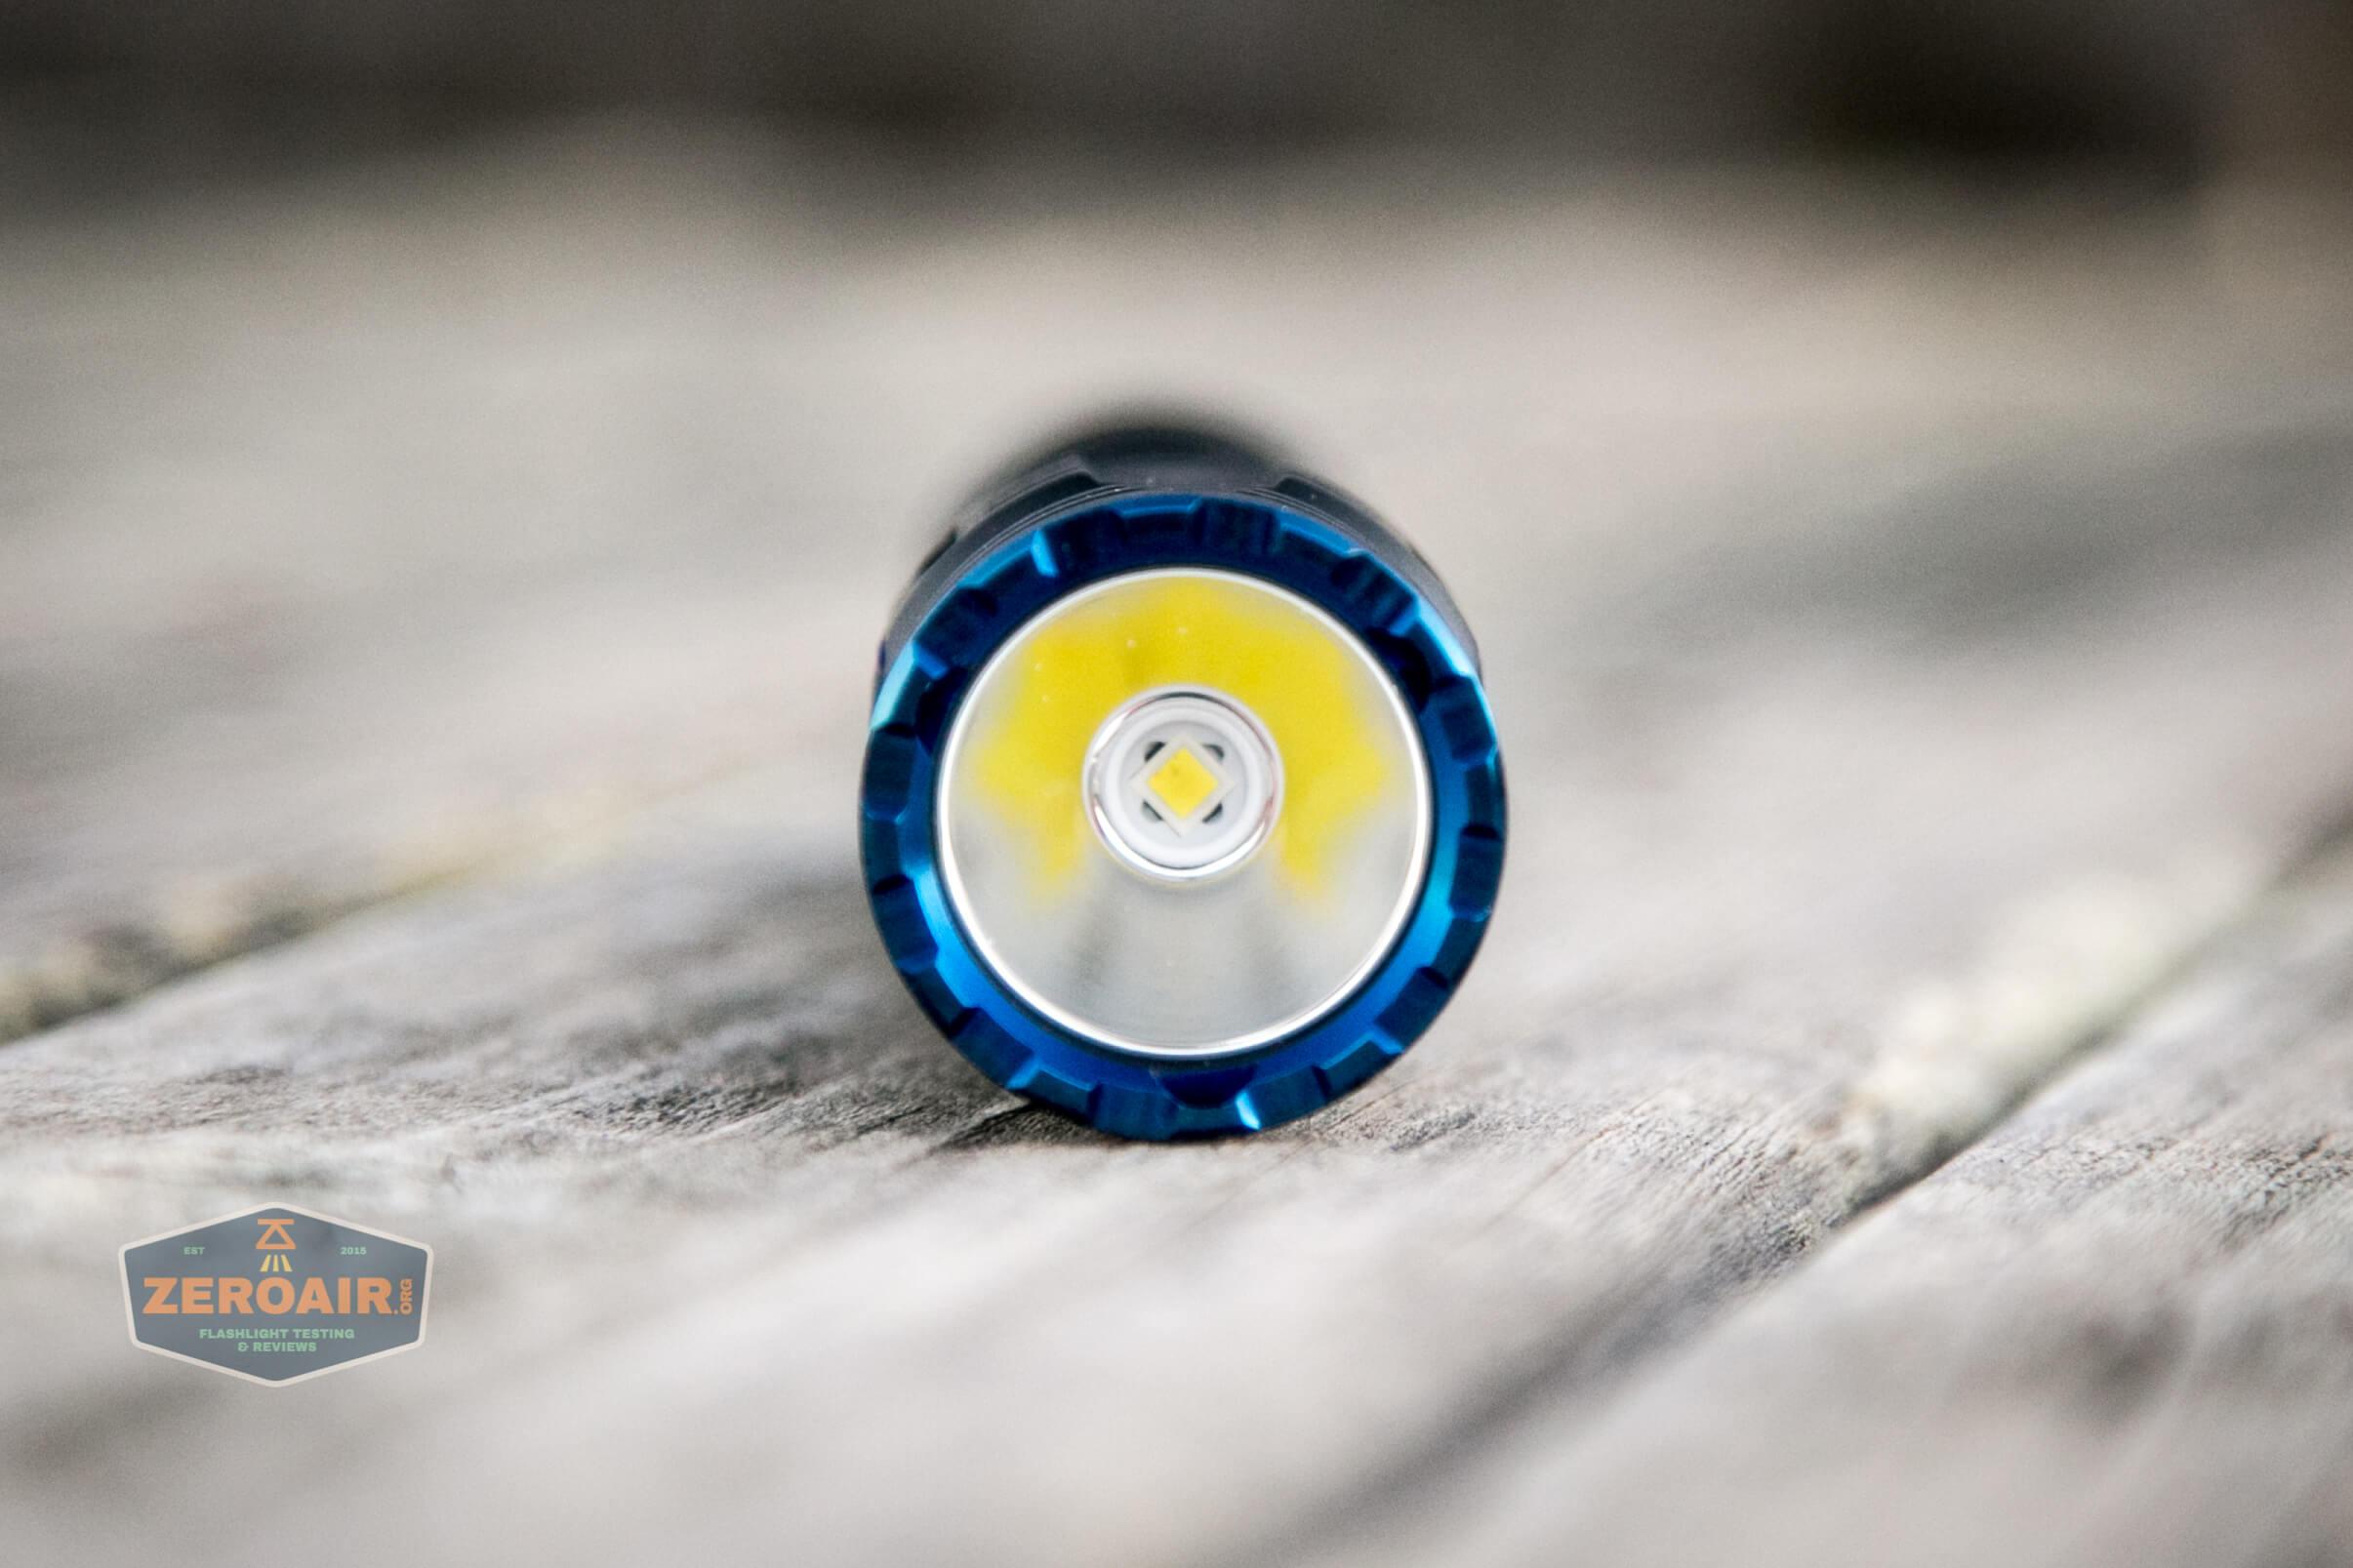 skilhunt m300 18650 flashlight emitter